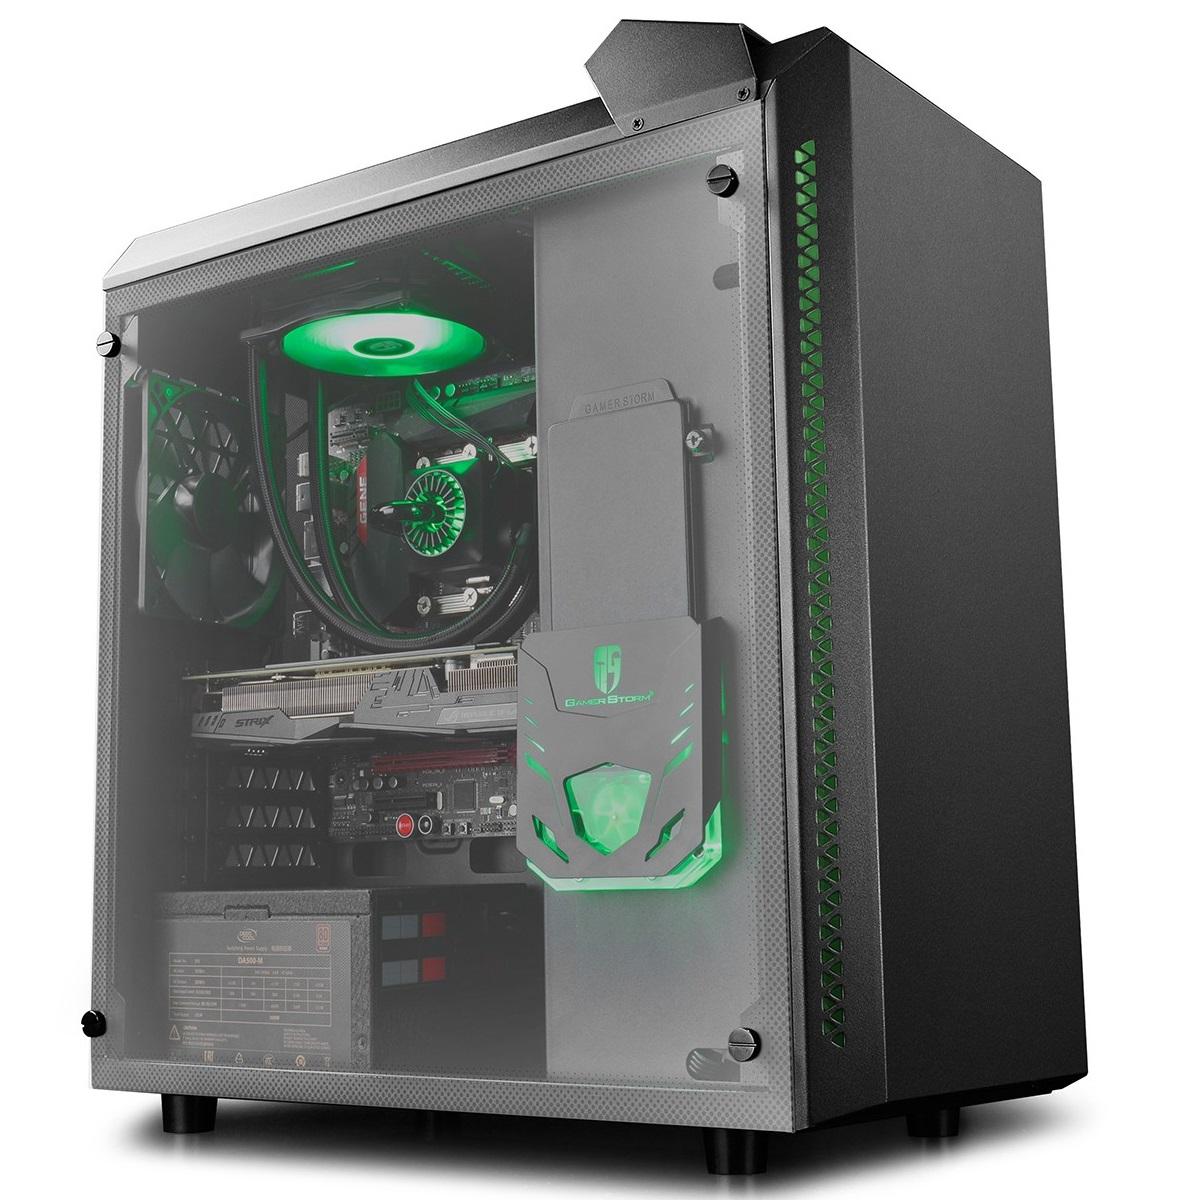 Roc Tech Deepcool Xfan 12cm Casing Fan Black 179540 Baronkase Case